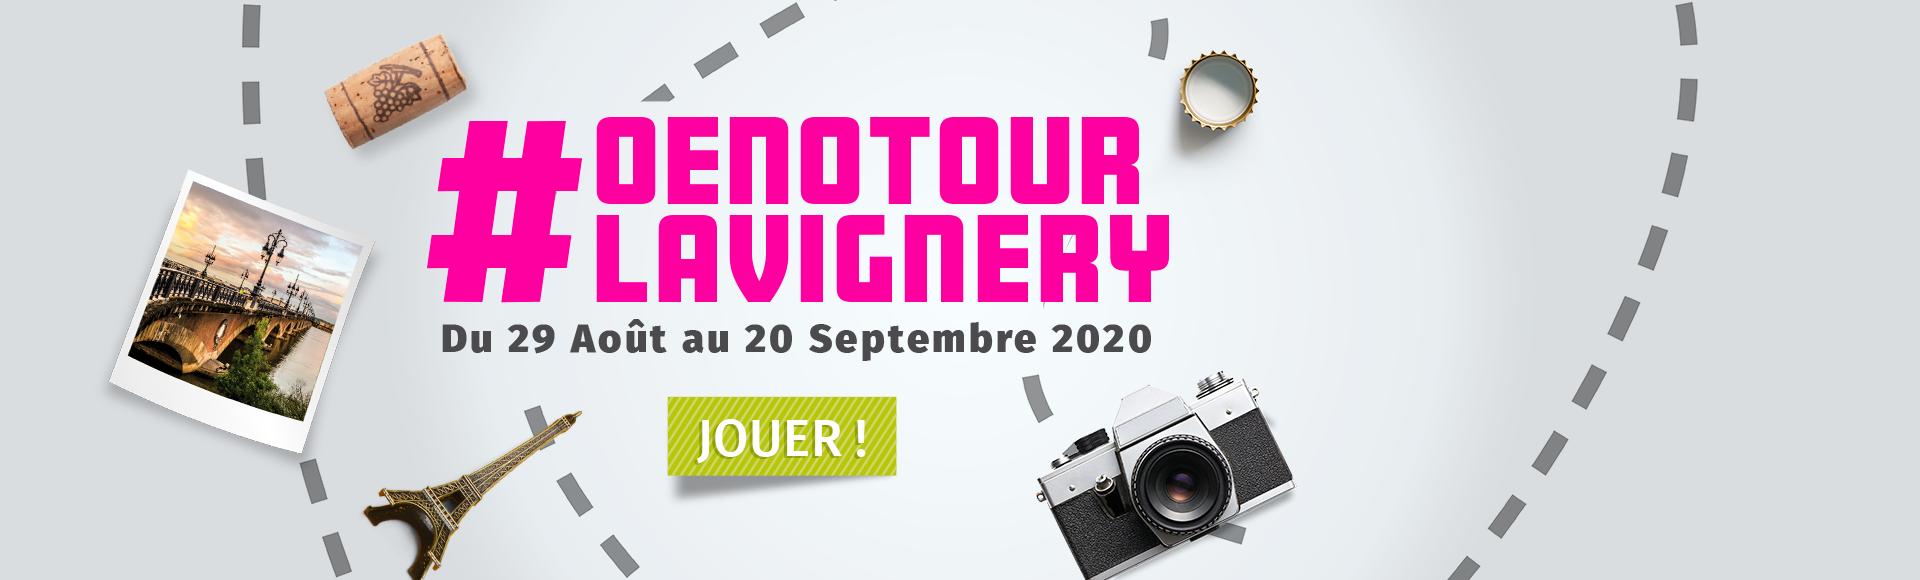 #Oenotour